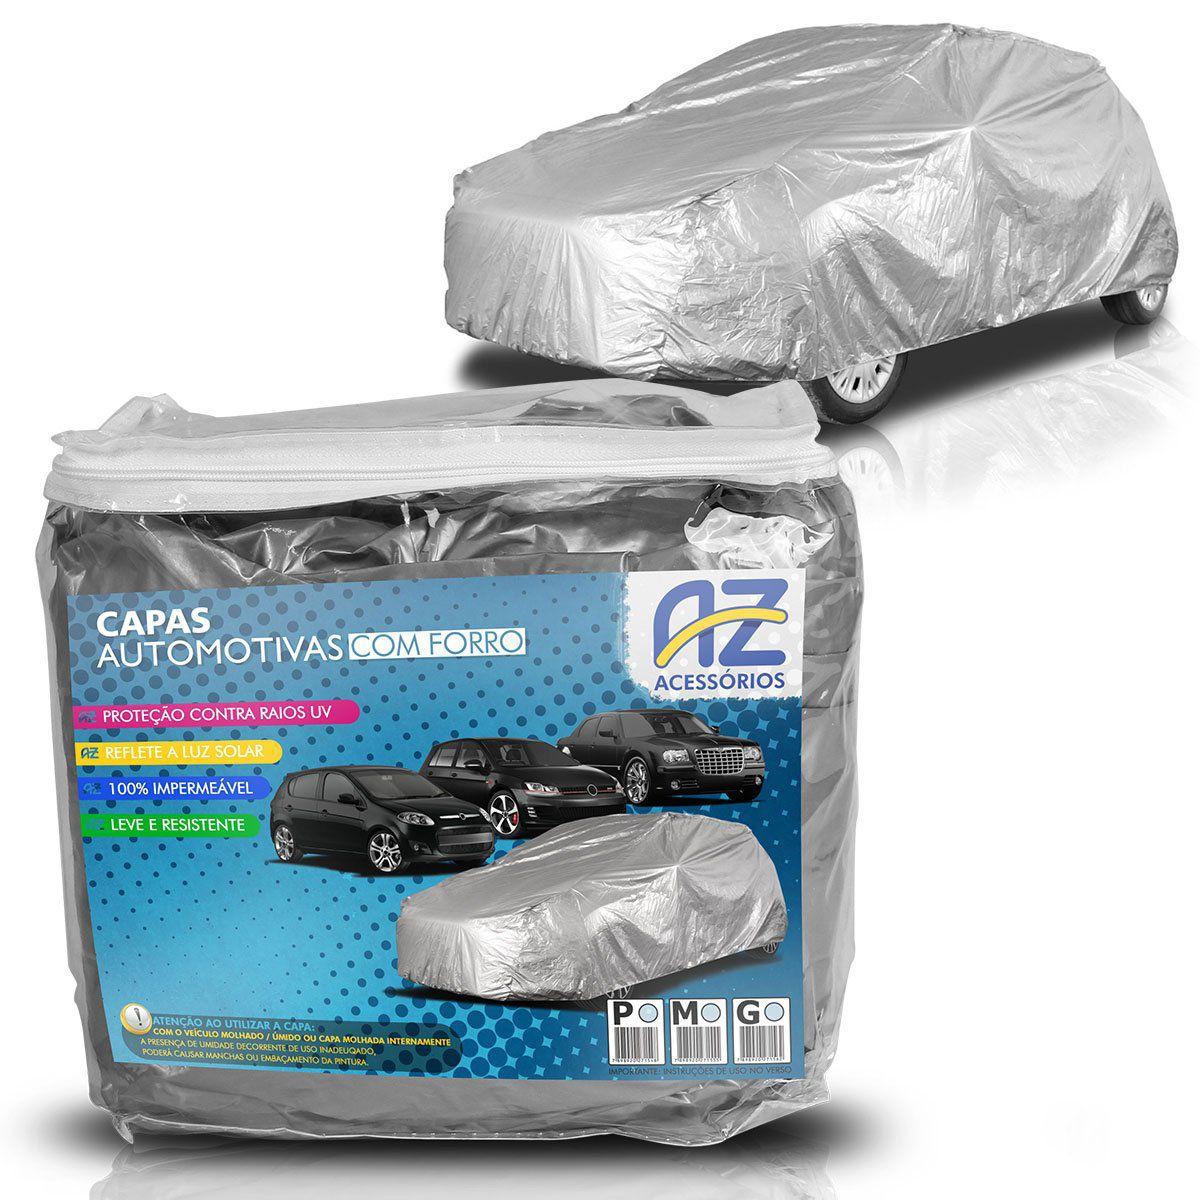 Capa para Cobrir Carro Impermeável com Forro Central P M G